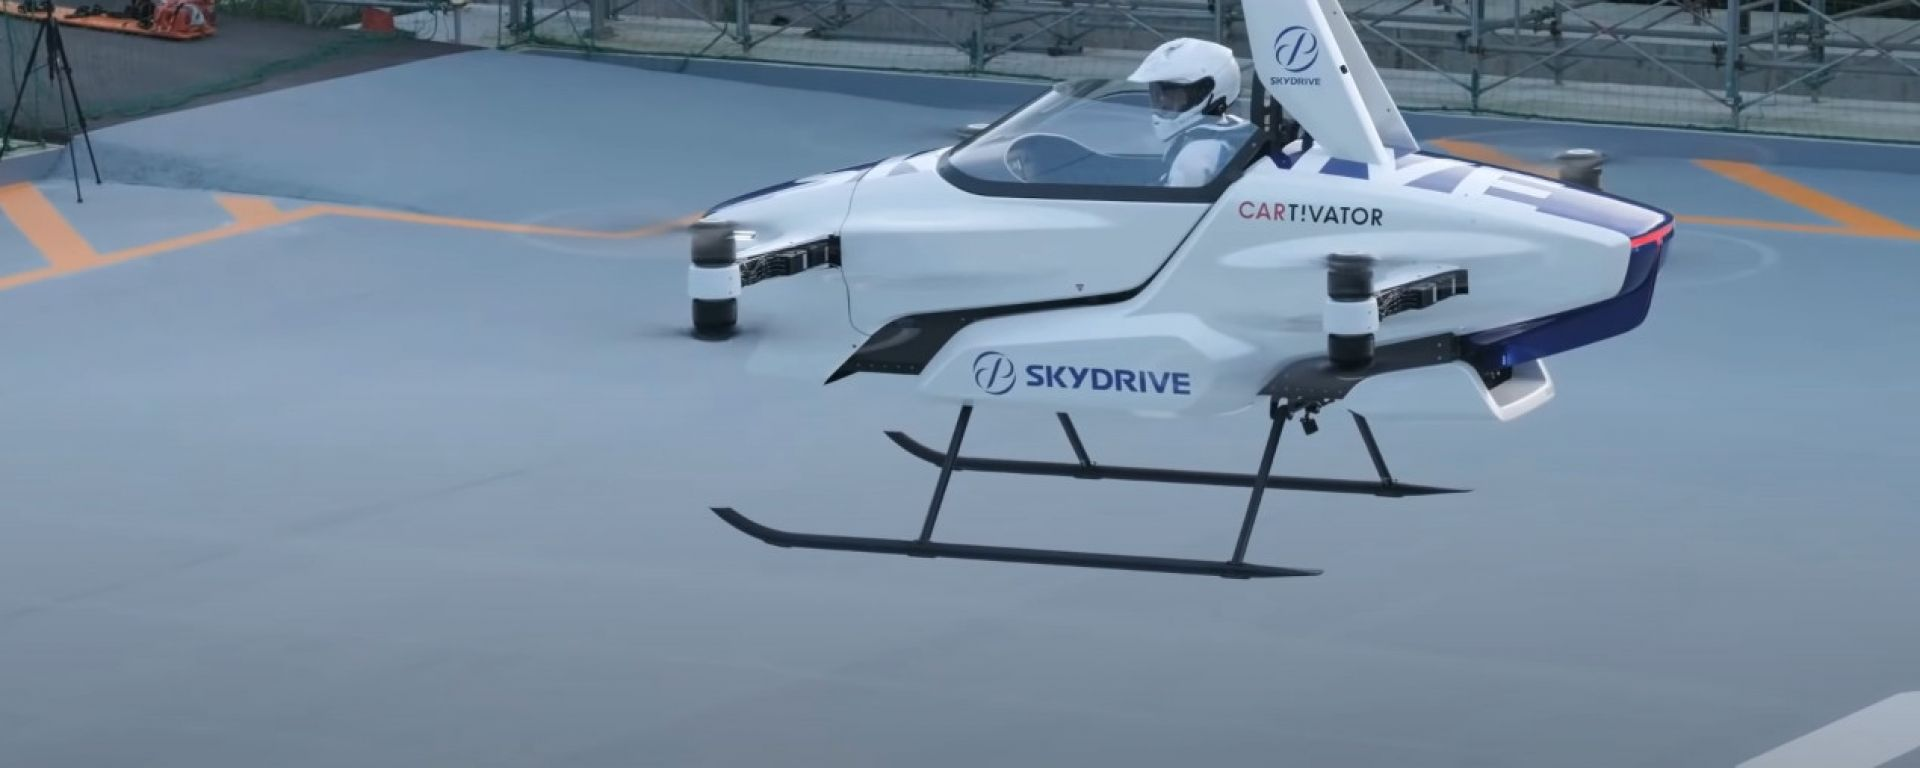 SkyDrive Project SD-03: l'auto volante al suo primo test